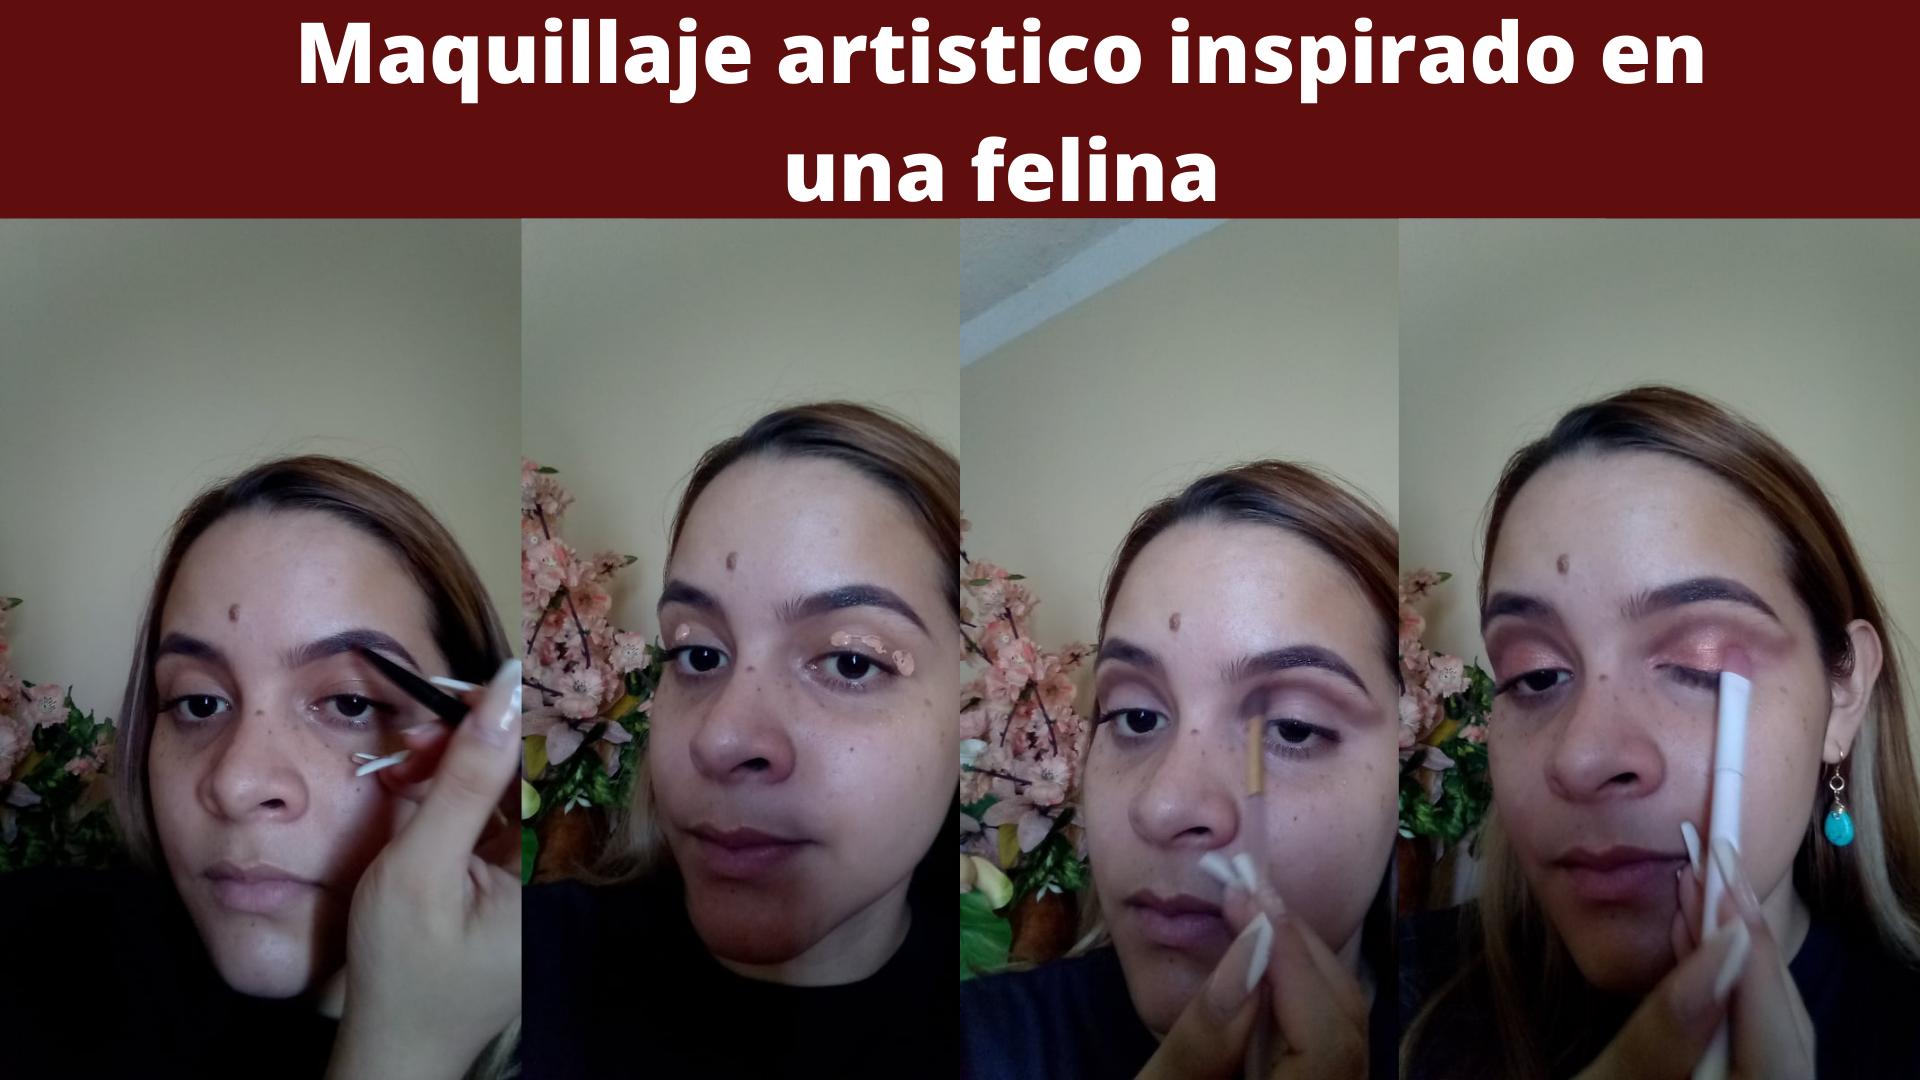 Maquillaje artistico inspirado en una felina (1).png